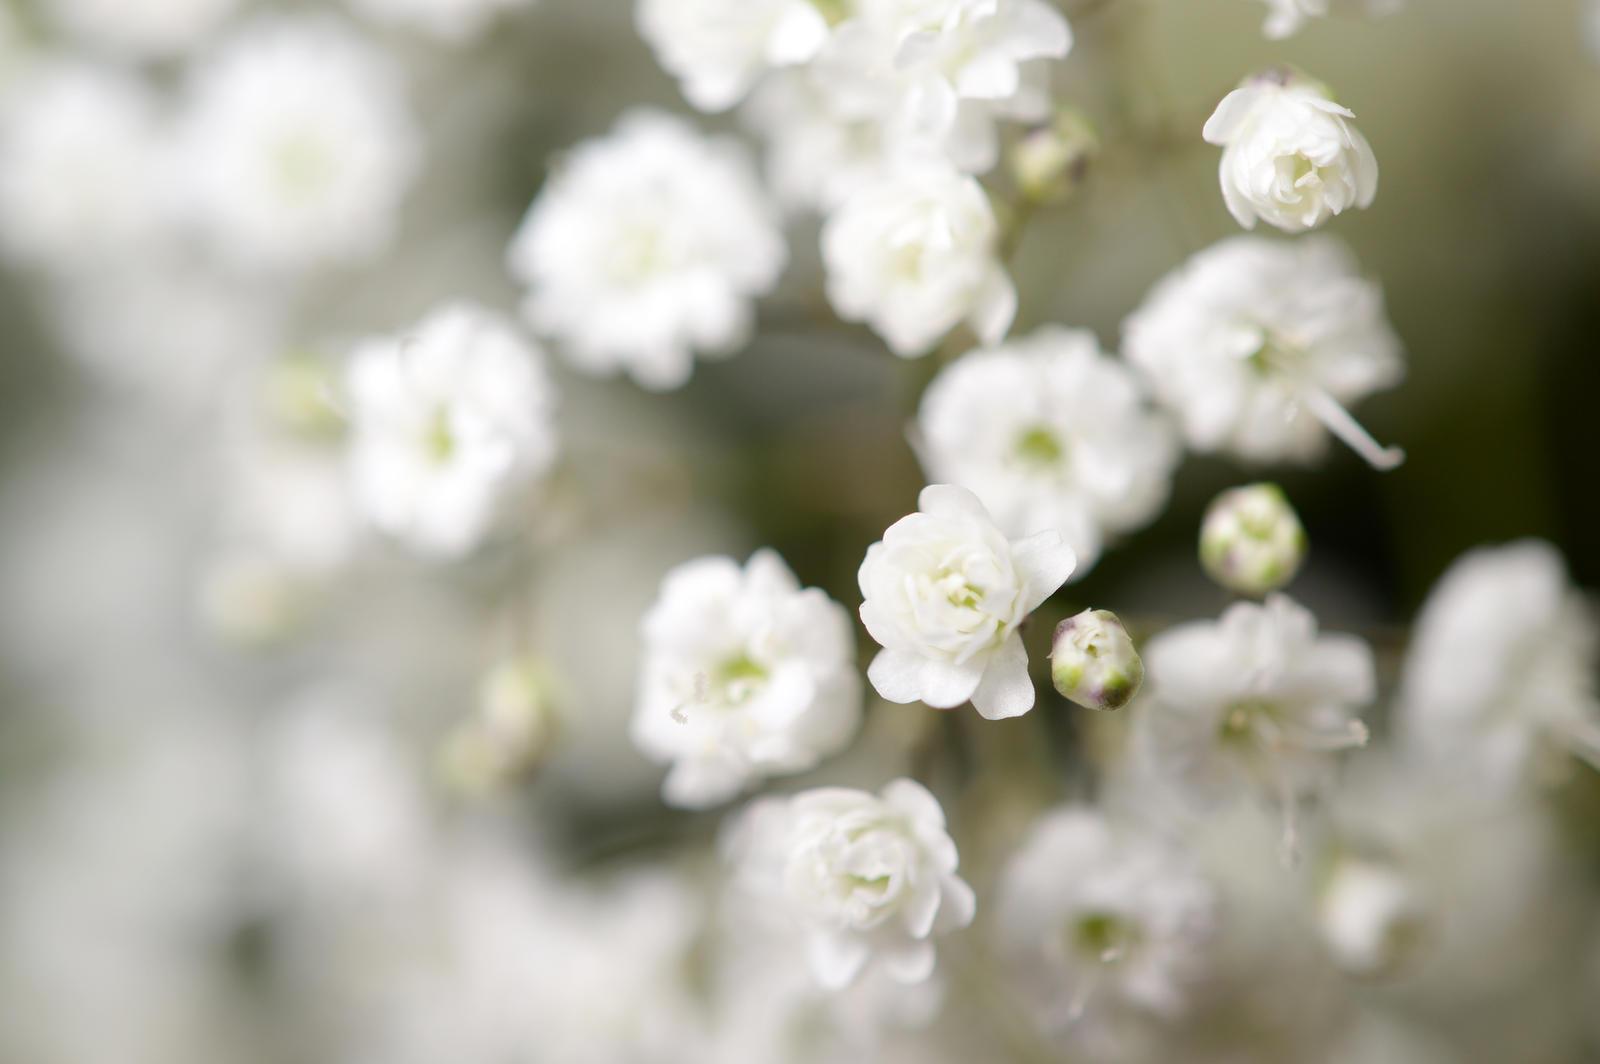 Tiny Flowers In White By Chrisahamer On Deviantart